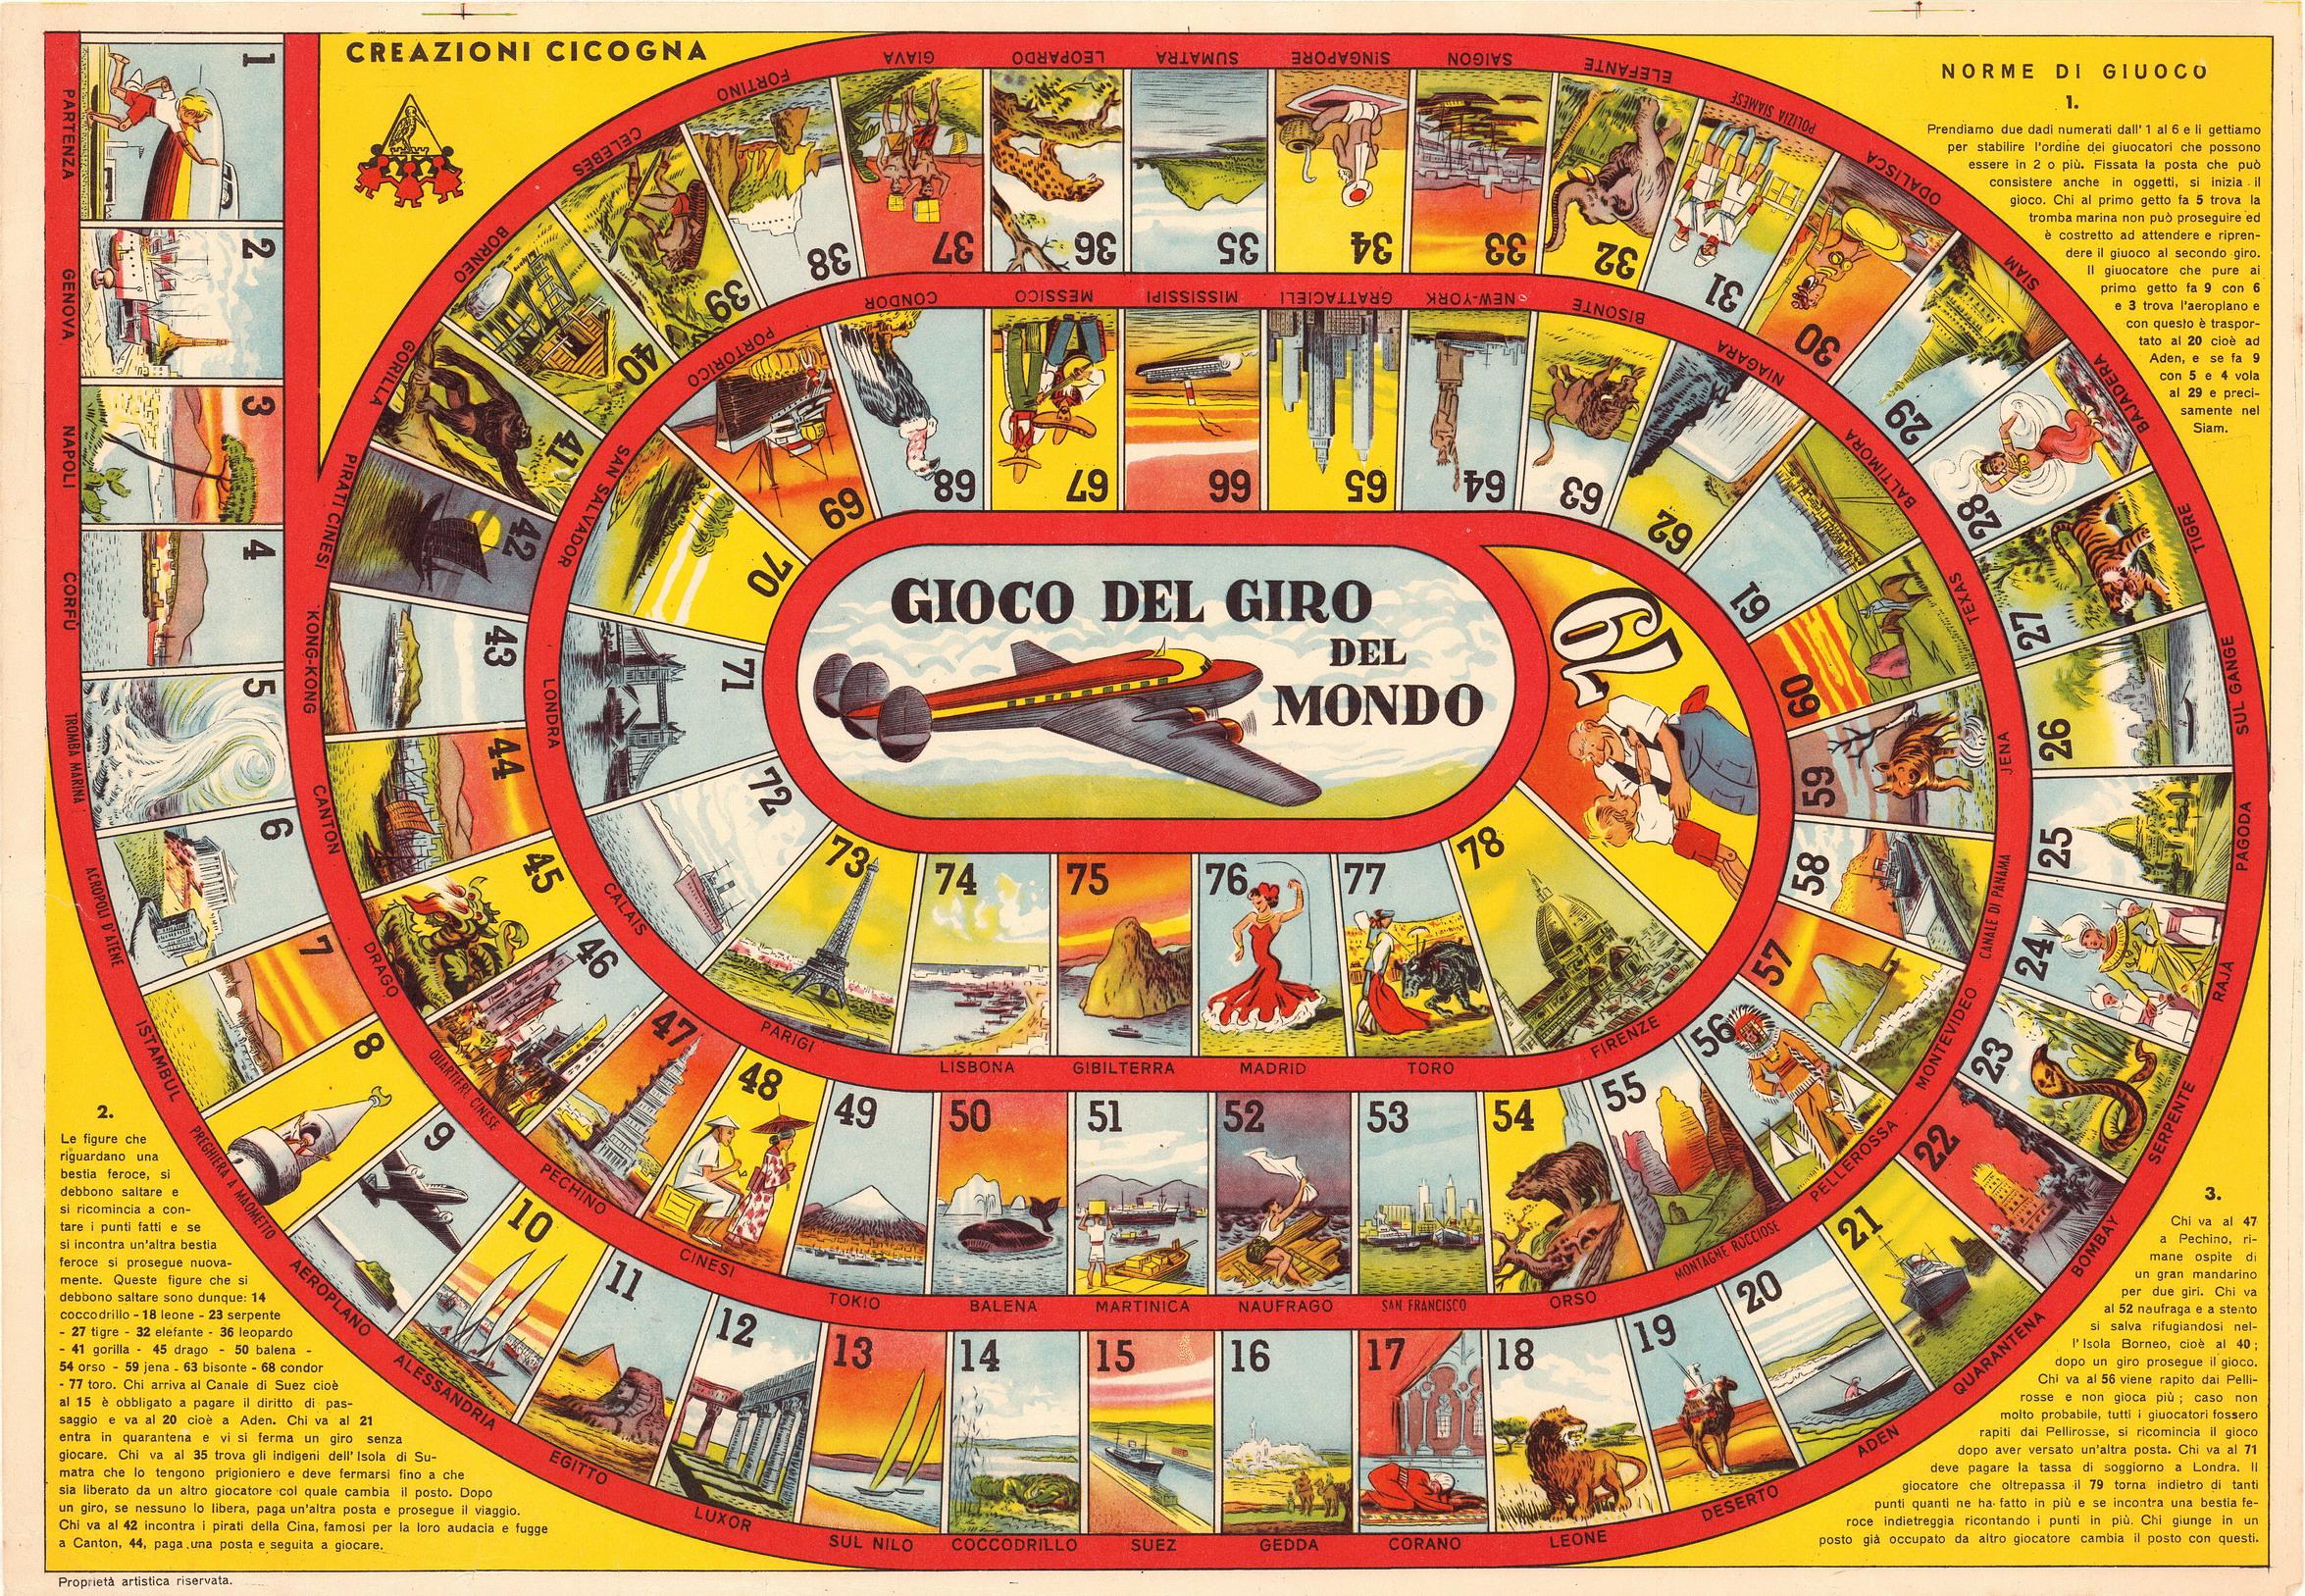 Gioco dadi casino regole